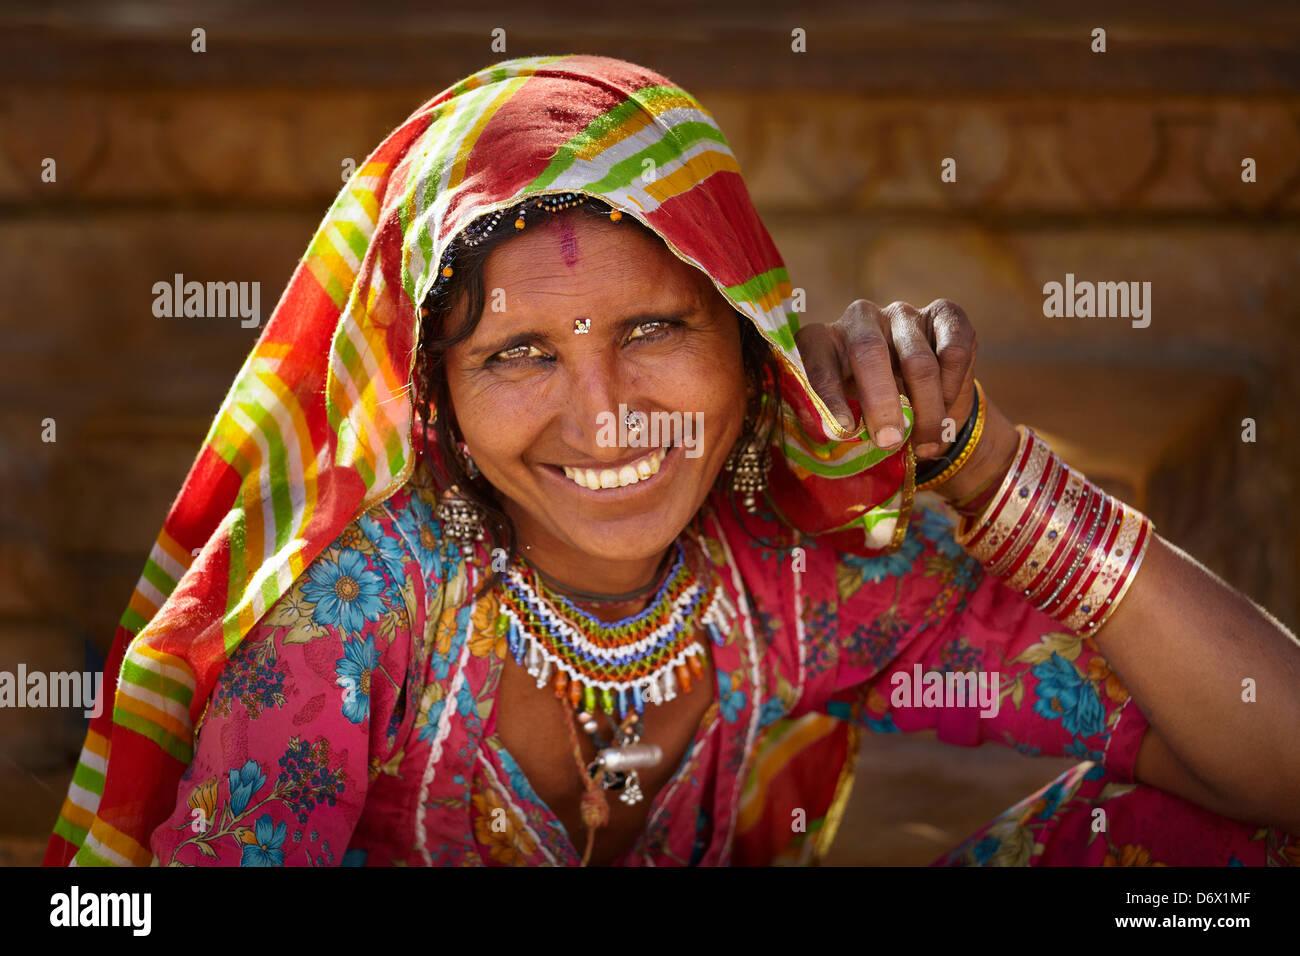 Porträt des Lächelns Indien Frau, Jaisalmer, Rajasthan Zustand, Indien Stockfoto